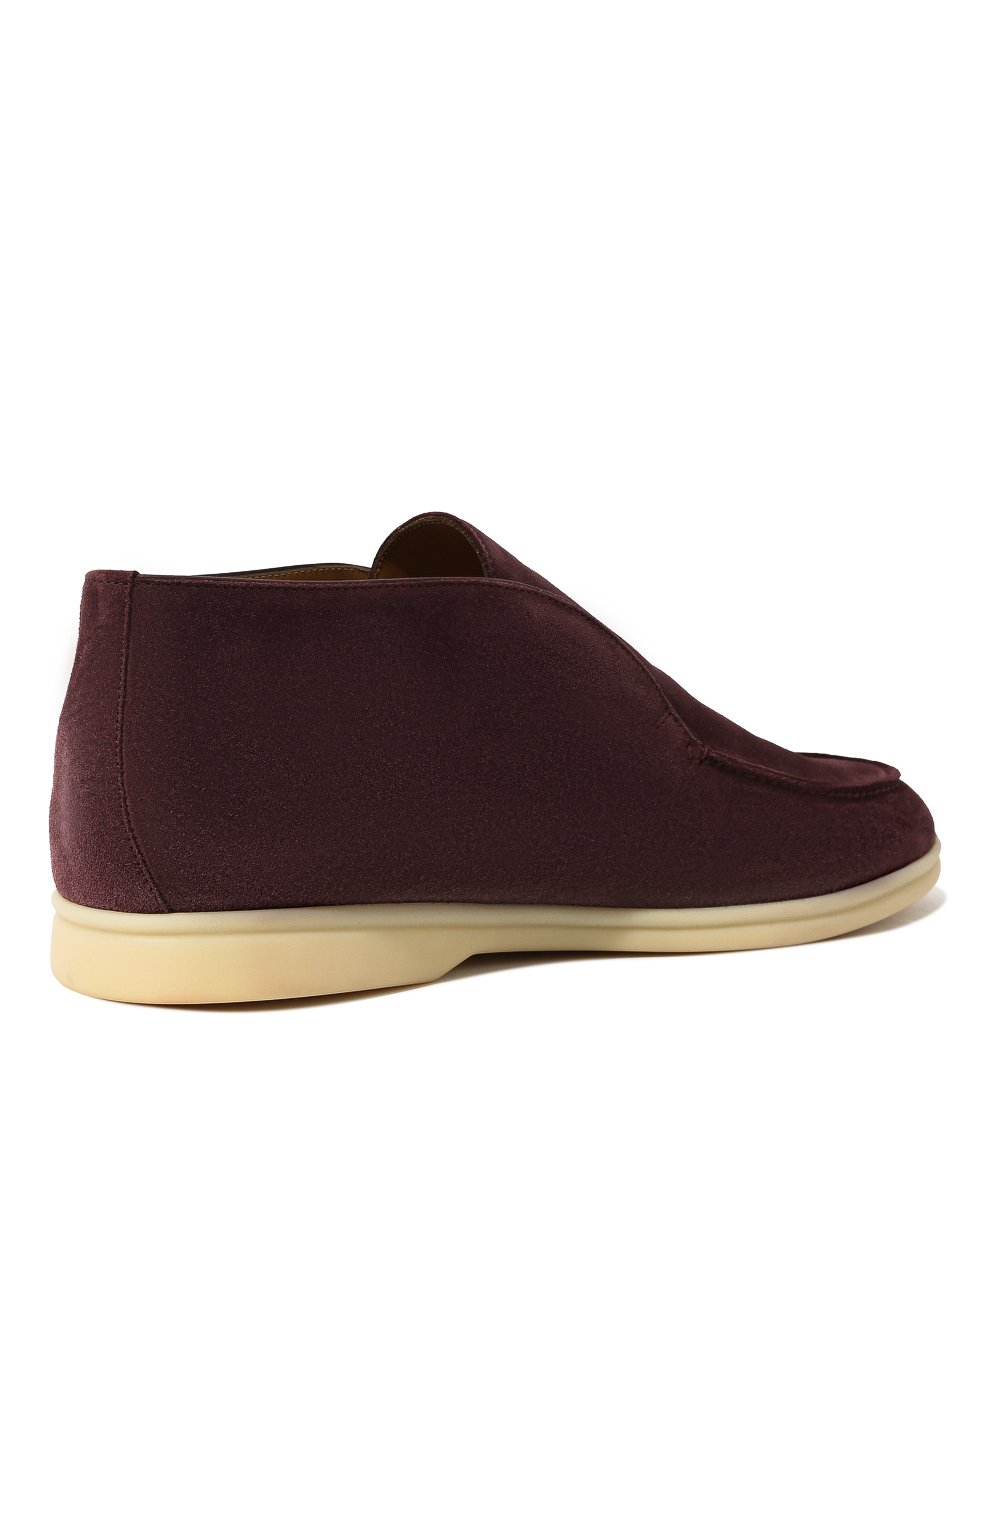 Мужские замшевые ботинки open walk LORO PIANA фиолетового цвета, арт. FAB4368   Фото 5 (Мужское Кросс-КТ: Ботинки-обувь; Материал внутренний: Натуральная кожа; Подошва: Плоская; Материал внешний: Замша)